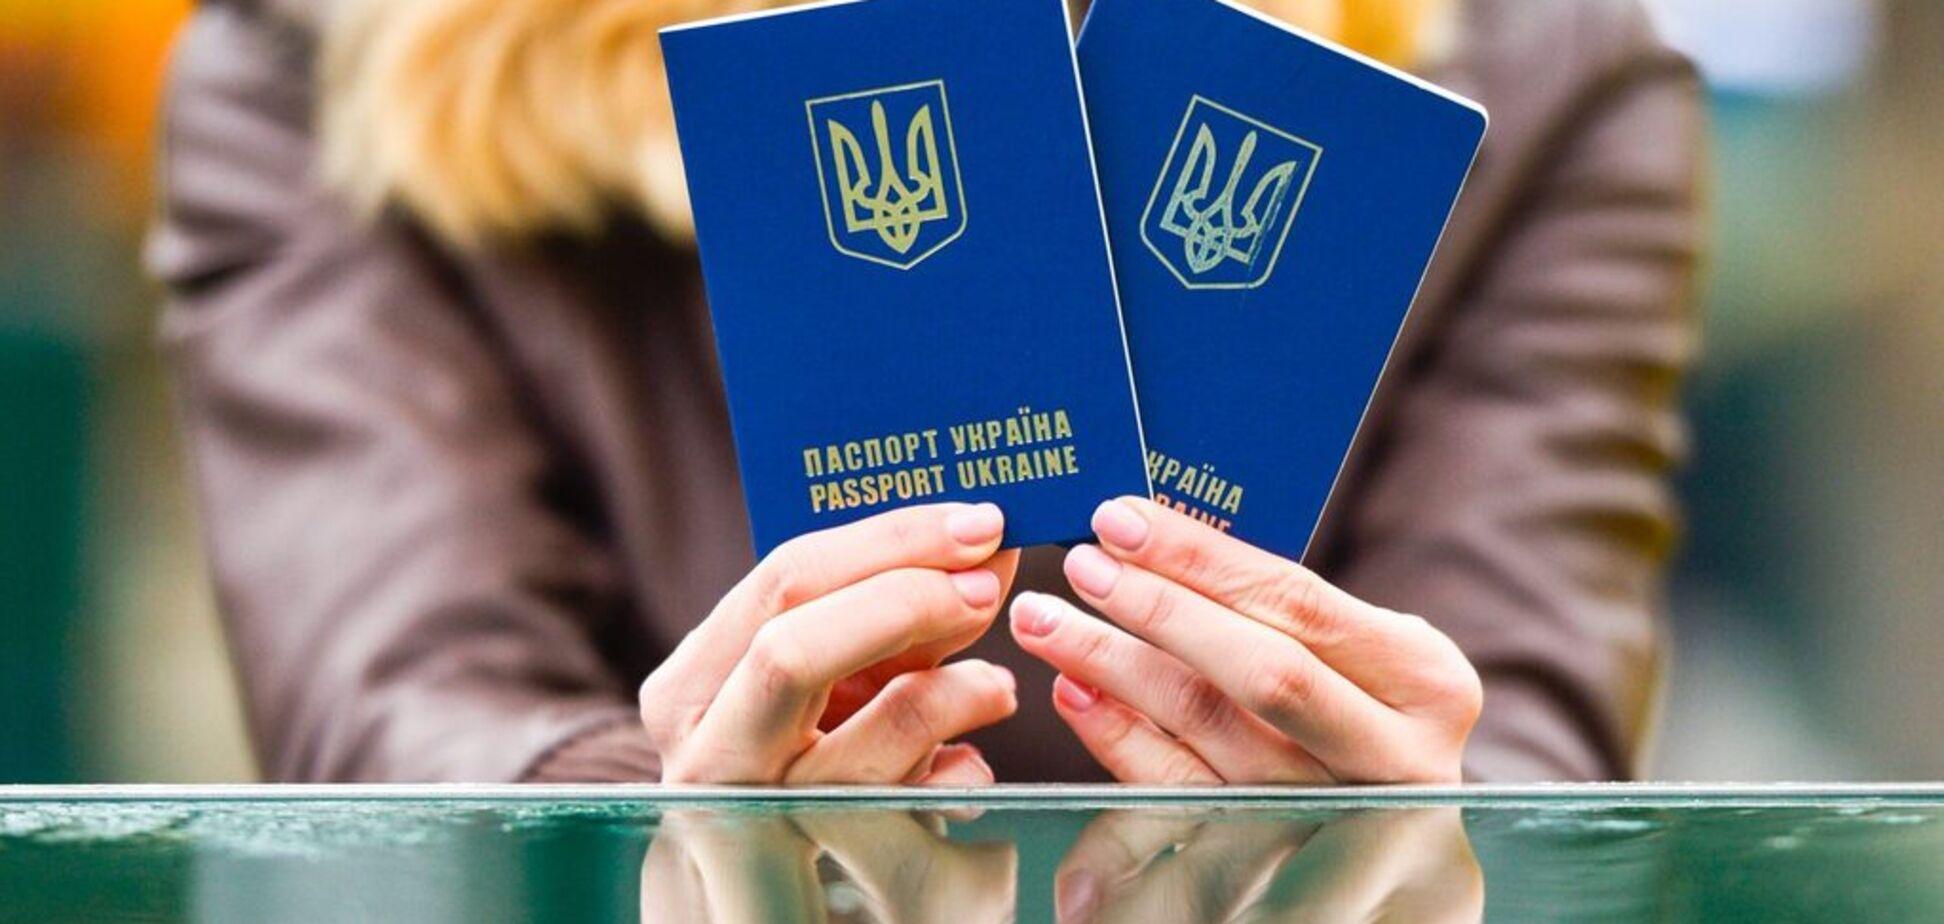 Украинцев могут лишить безвиза? Названа возможная причина